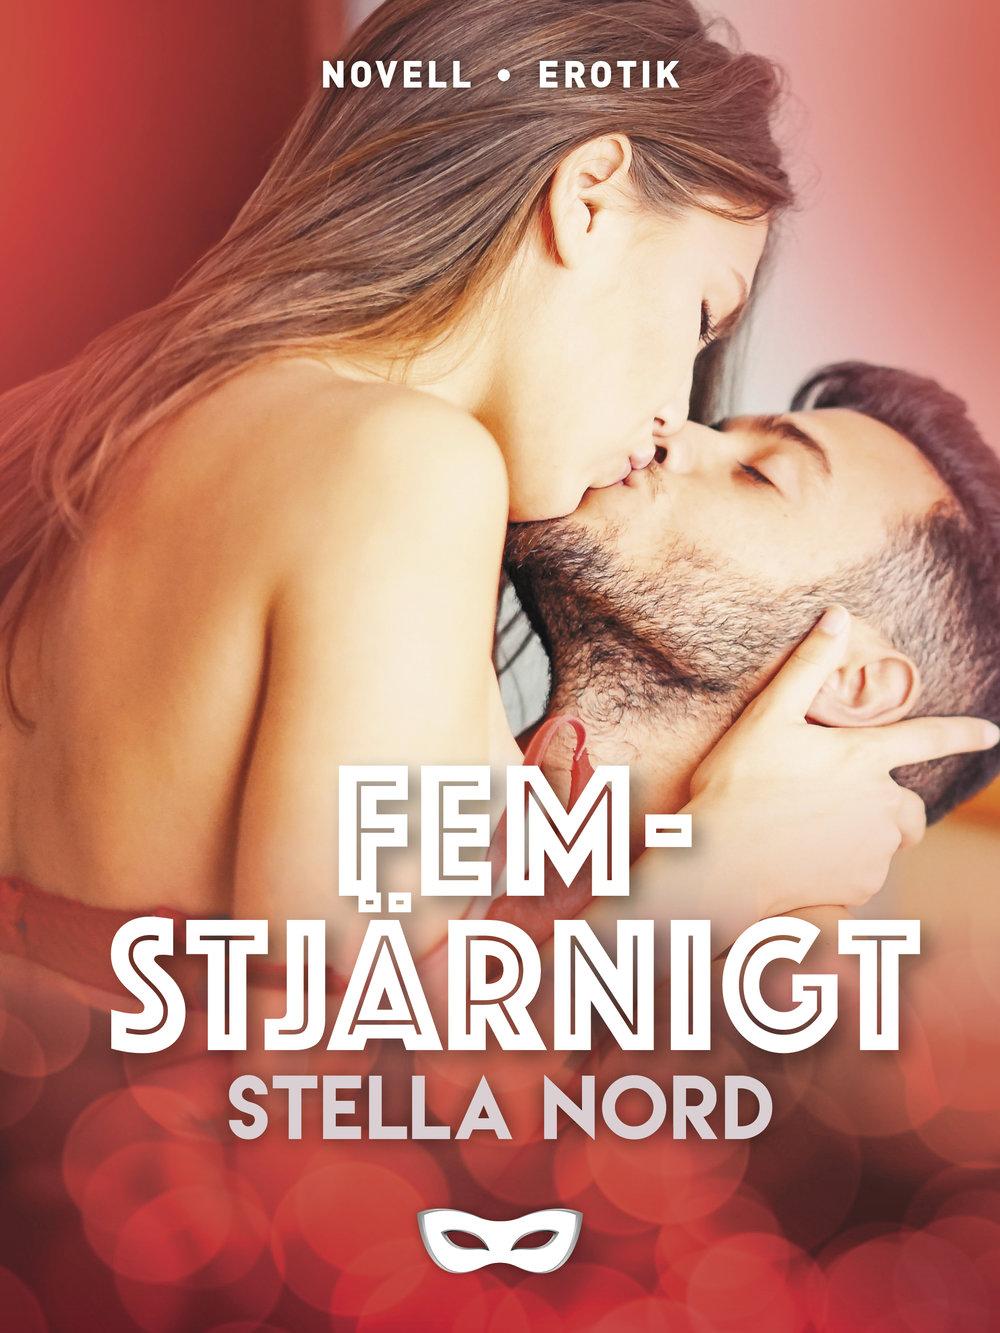 IMAGINA2n_Femstjarnigt_Stella Nord.jpg